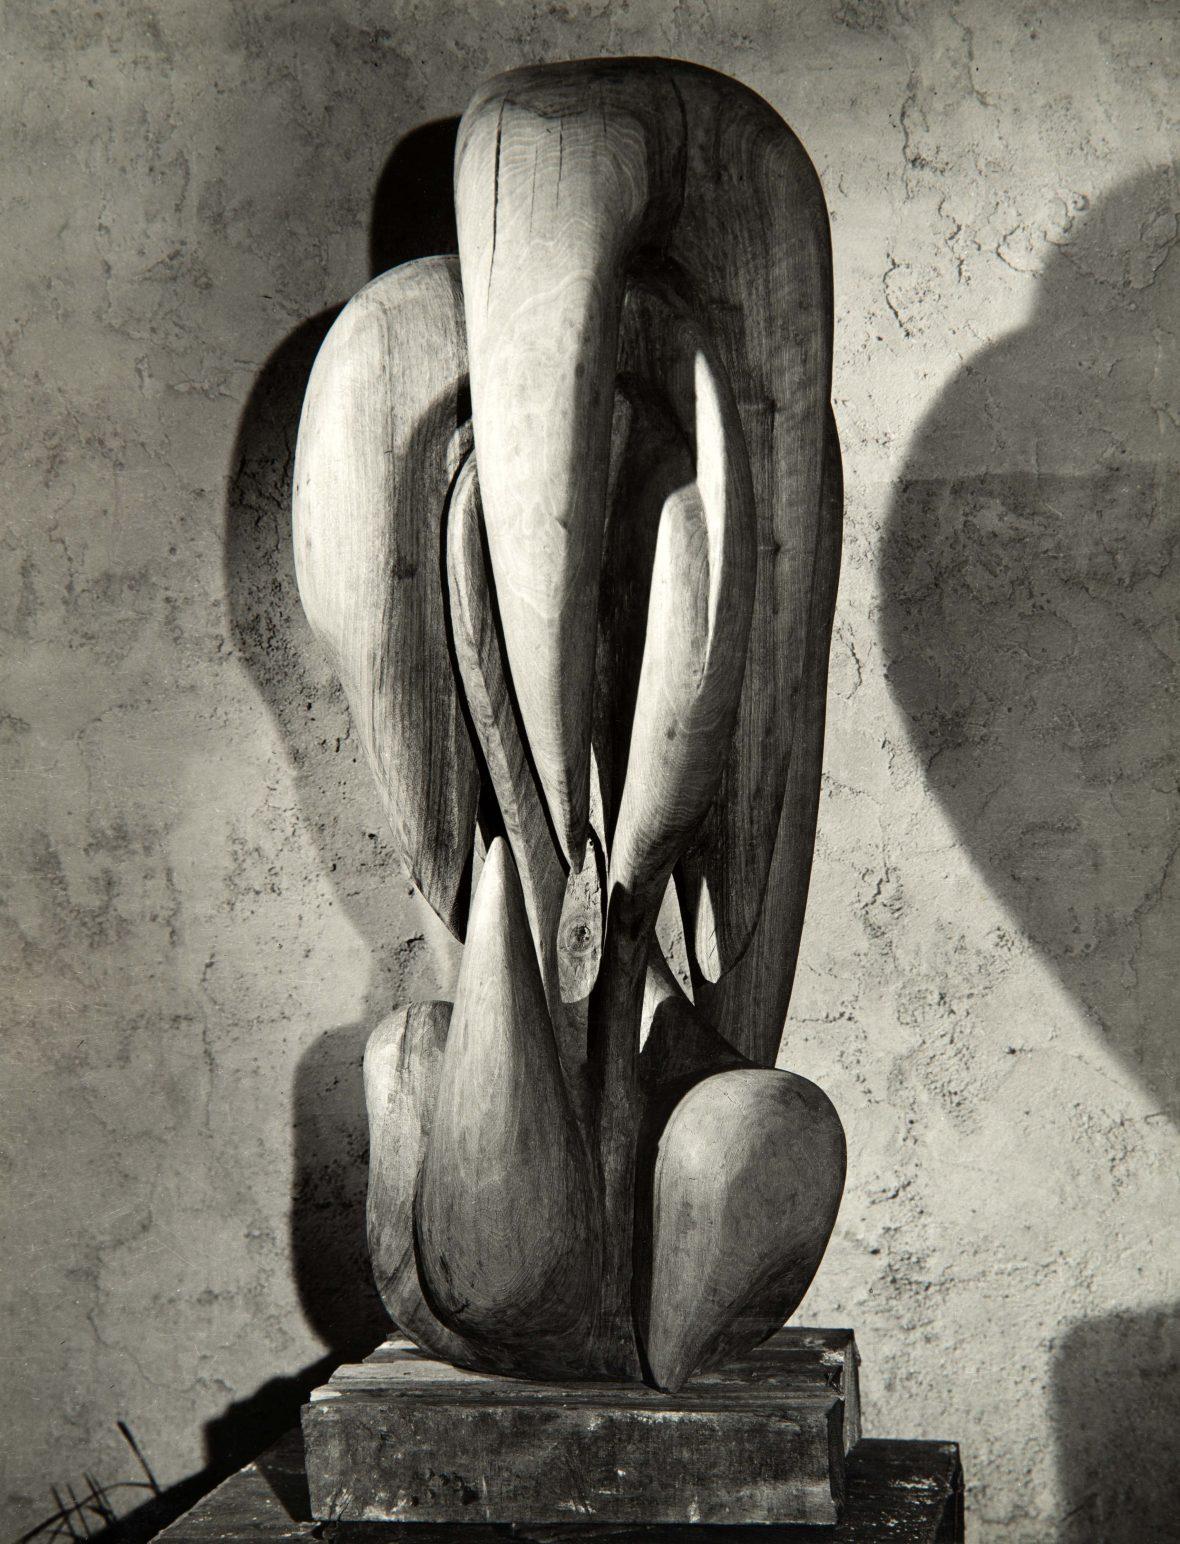 <p>Le Château de Larmes, aujourd'hui exposée au Musée d'art moderne, Centre G. Pompidou</p>